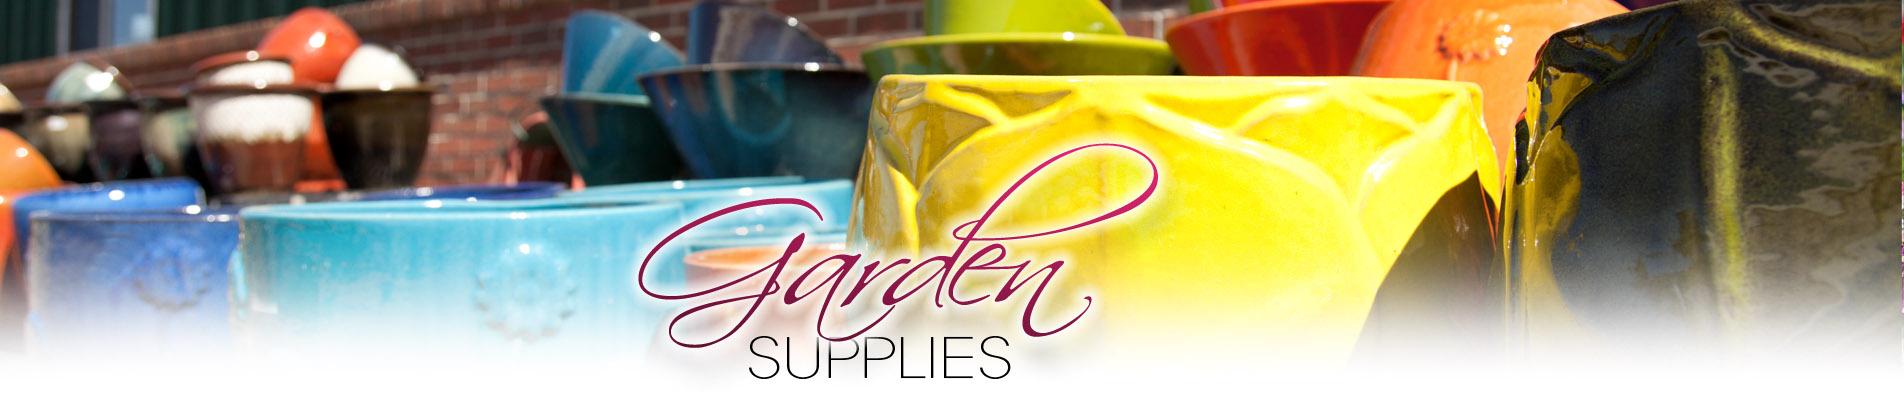 Garden Supplies at Homestead Garden Center